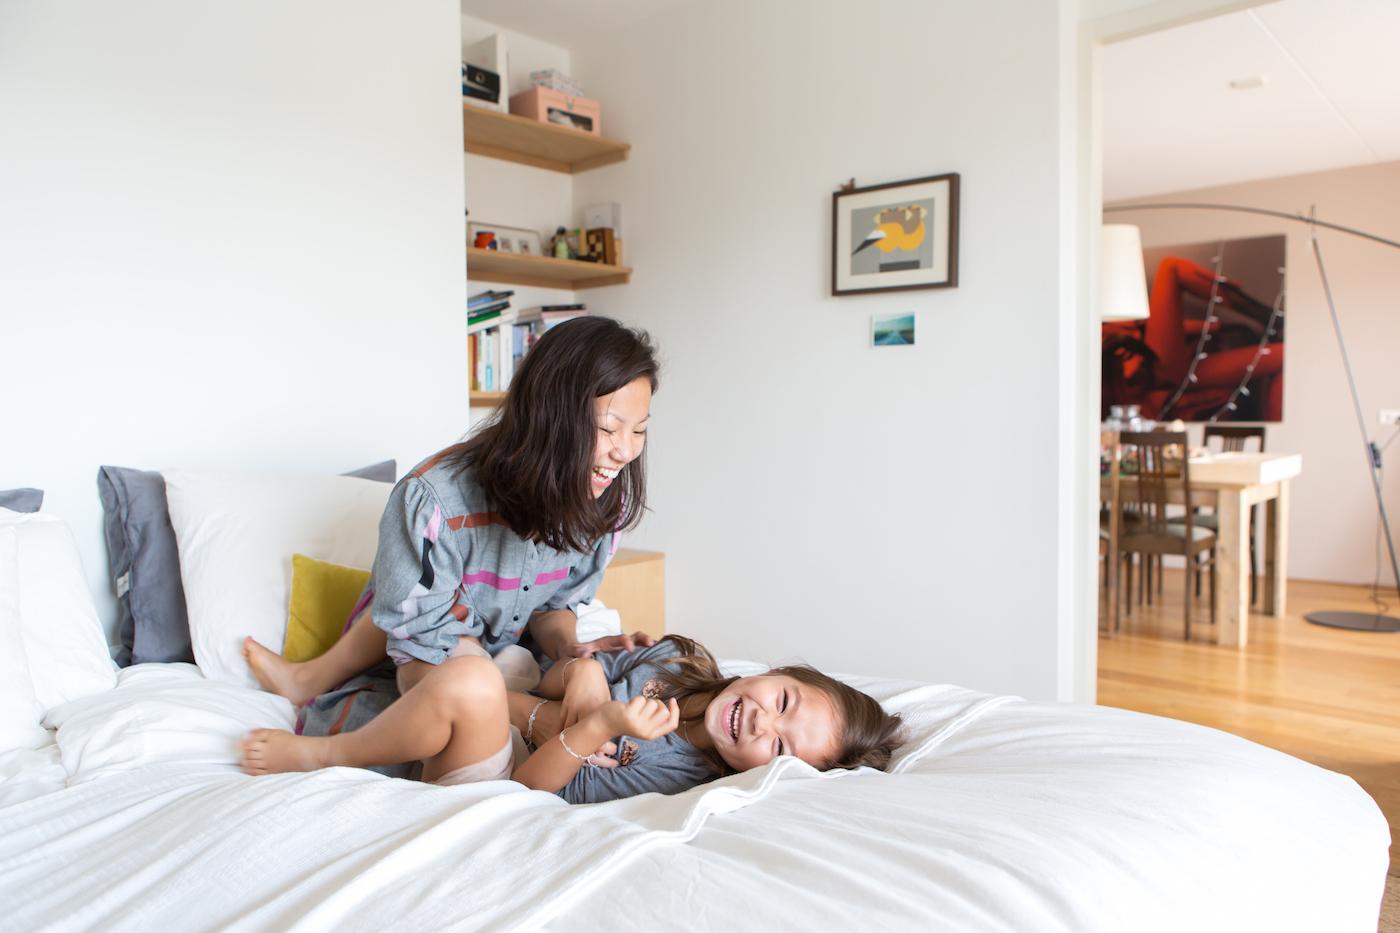 The Mamma Stories for Lennebelle Petites - Joey van Dongen